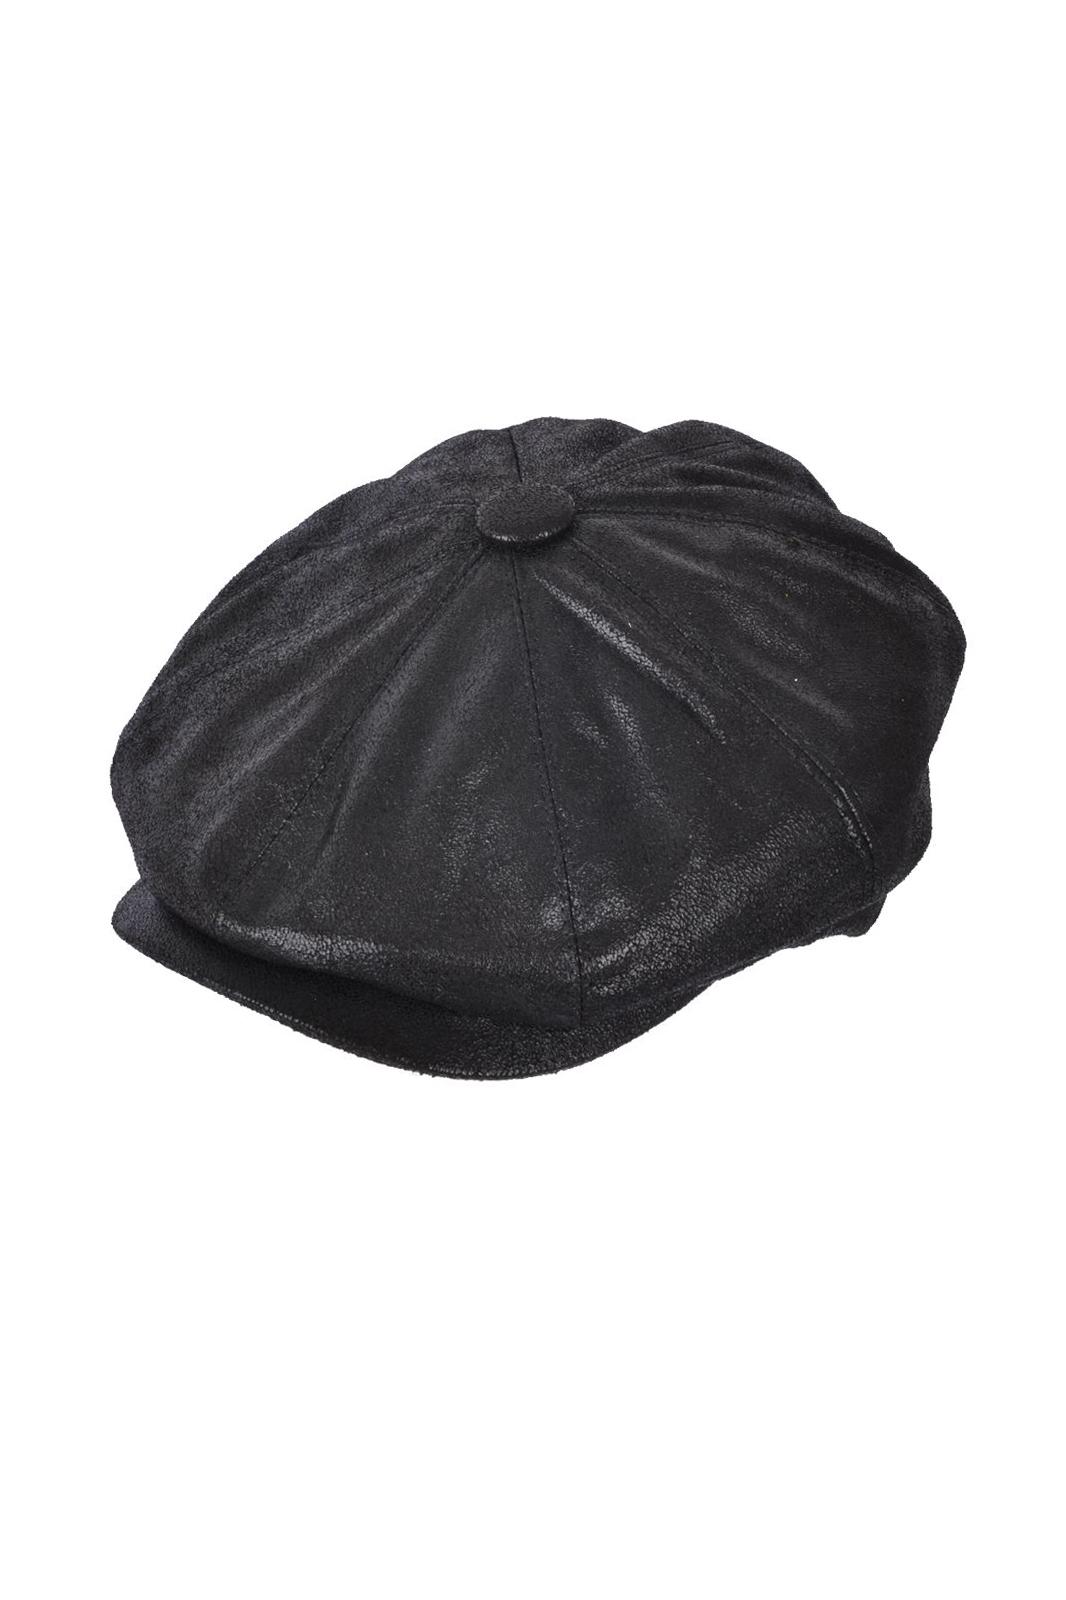 Maz PVC Leather look Newsboy Cap Black